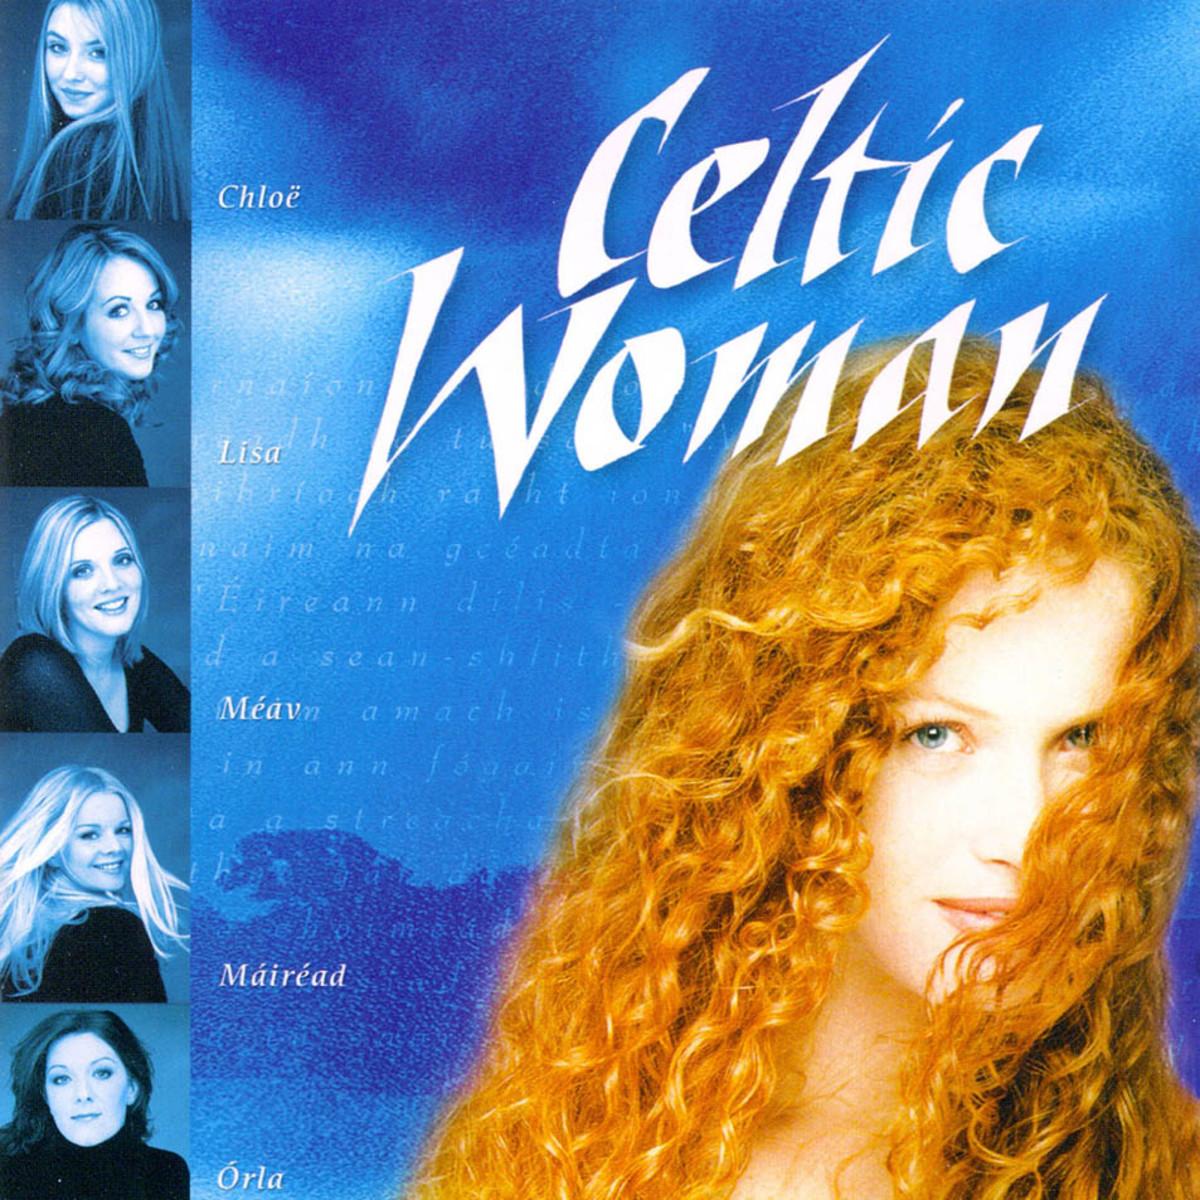 Celtic Woman album.